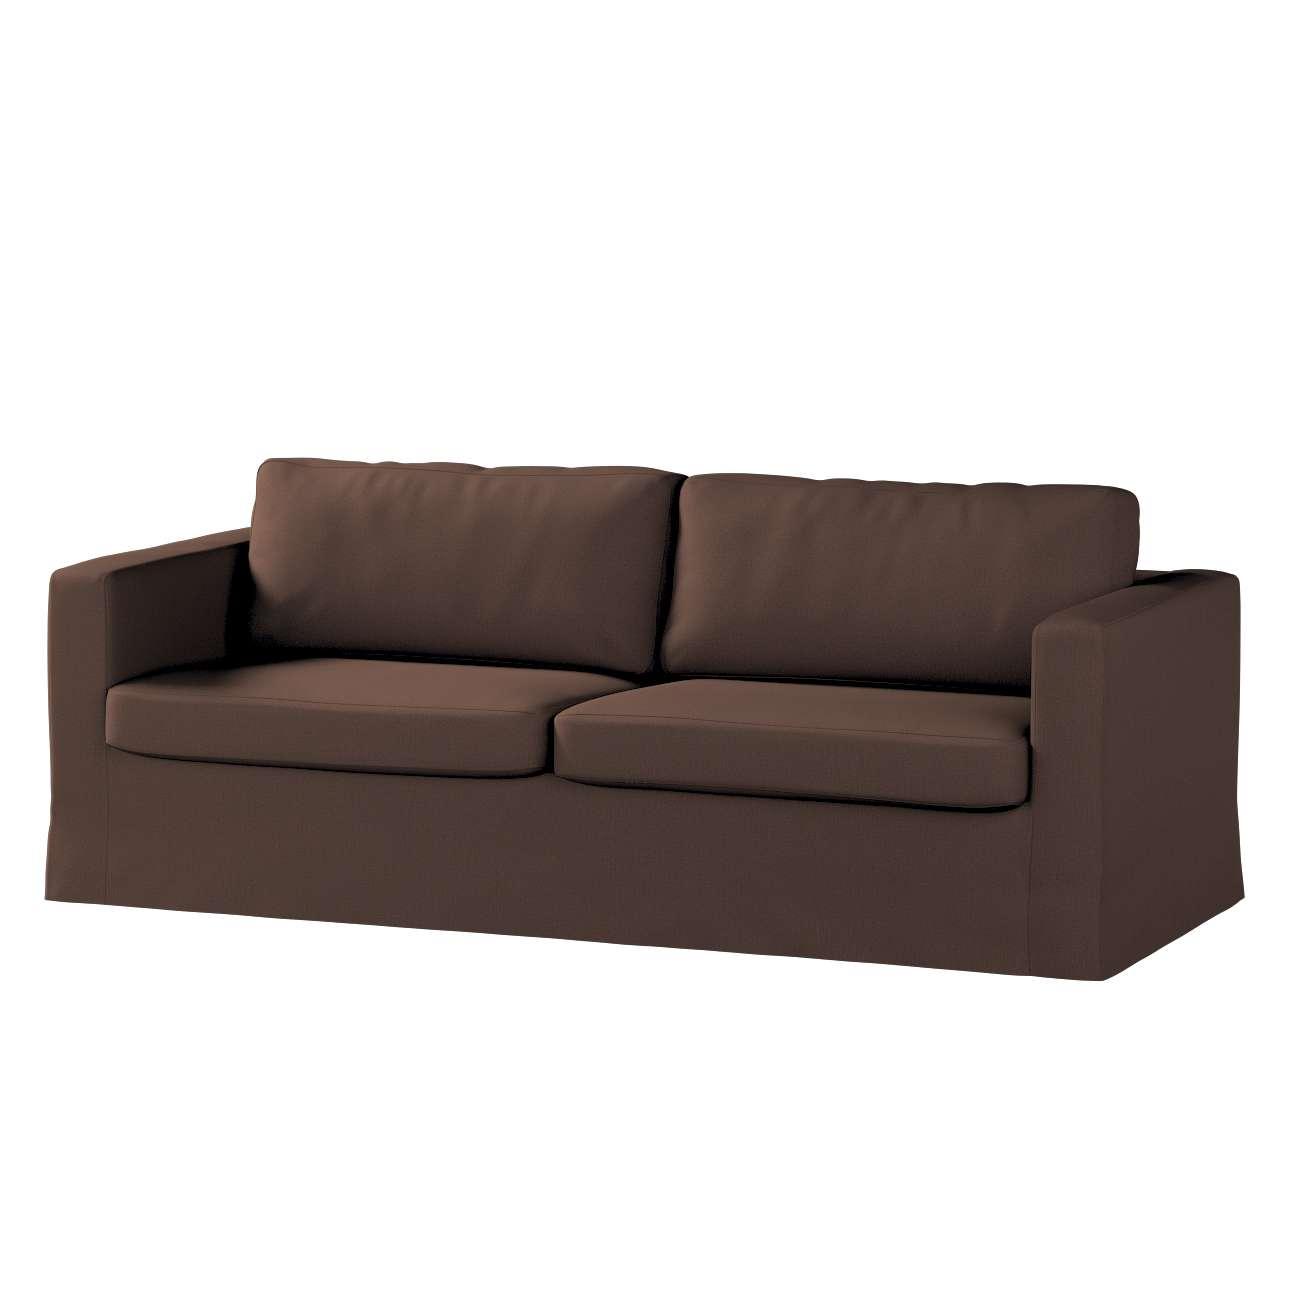 Pokrowiec na sofę Karlstad 3-osobową nierozkładaną, długi w kolekcji Bergen, tkanina: 161-73